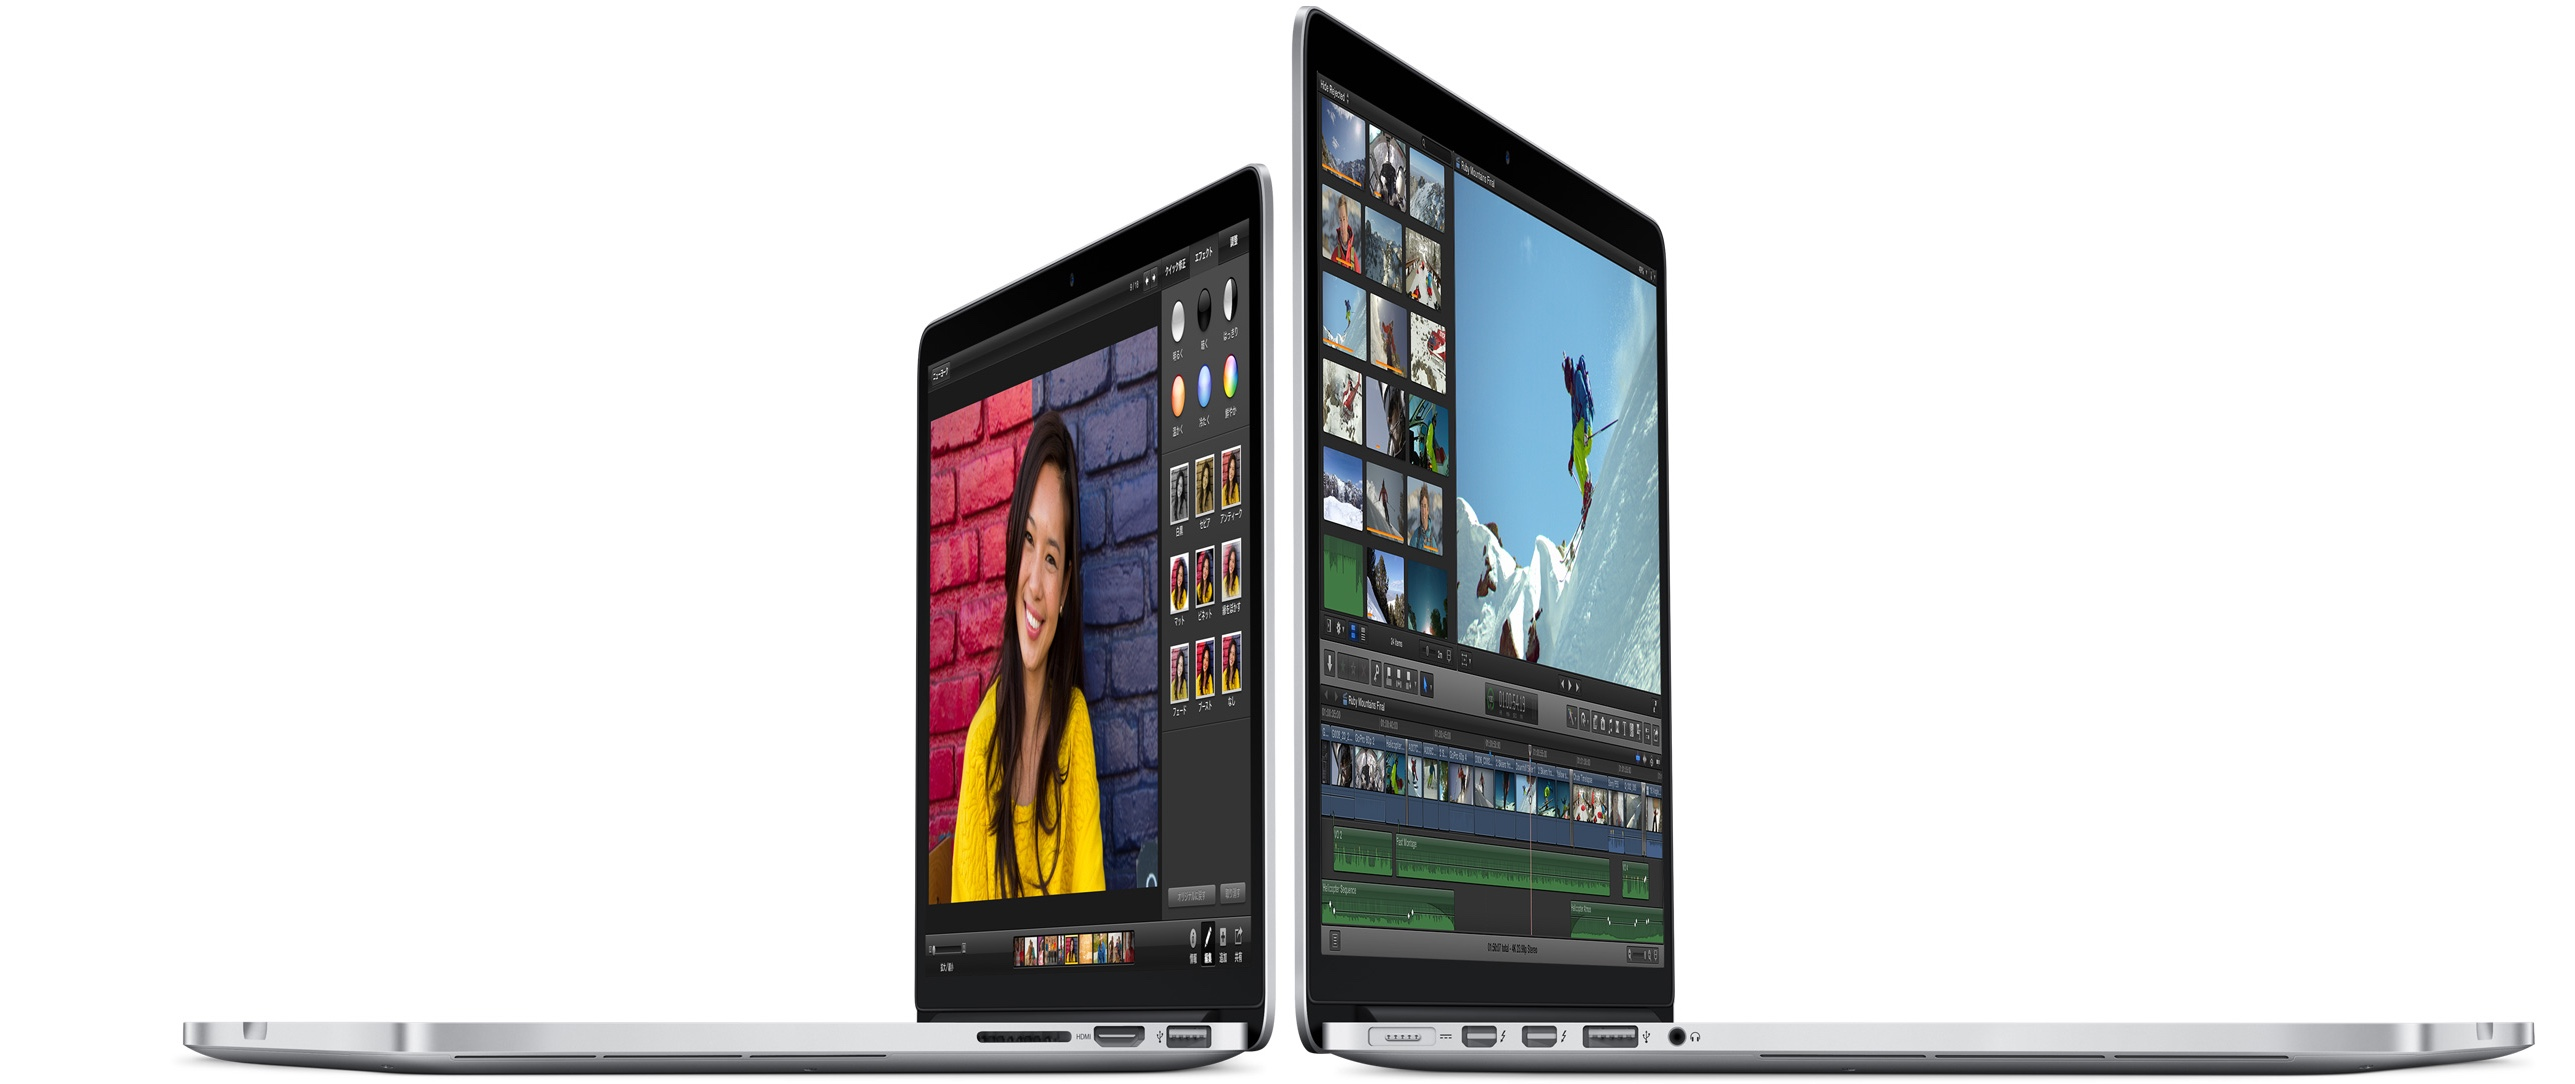 MacBook Air/Pro Retina 13インチがアップデート!Proはバッテリー駆動時間が増え、トラックパッドにForce touch搭載!